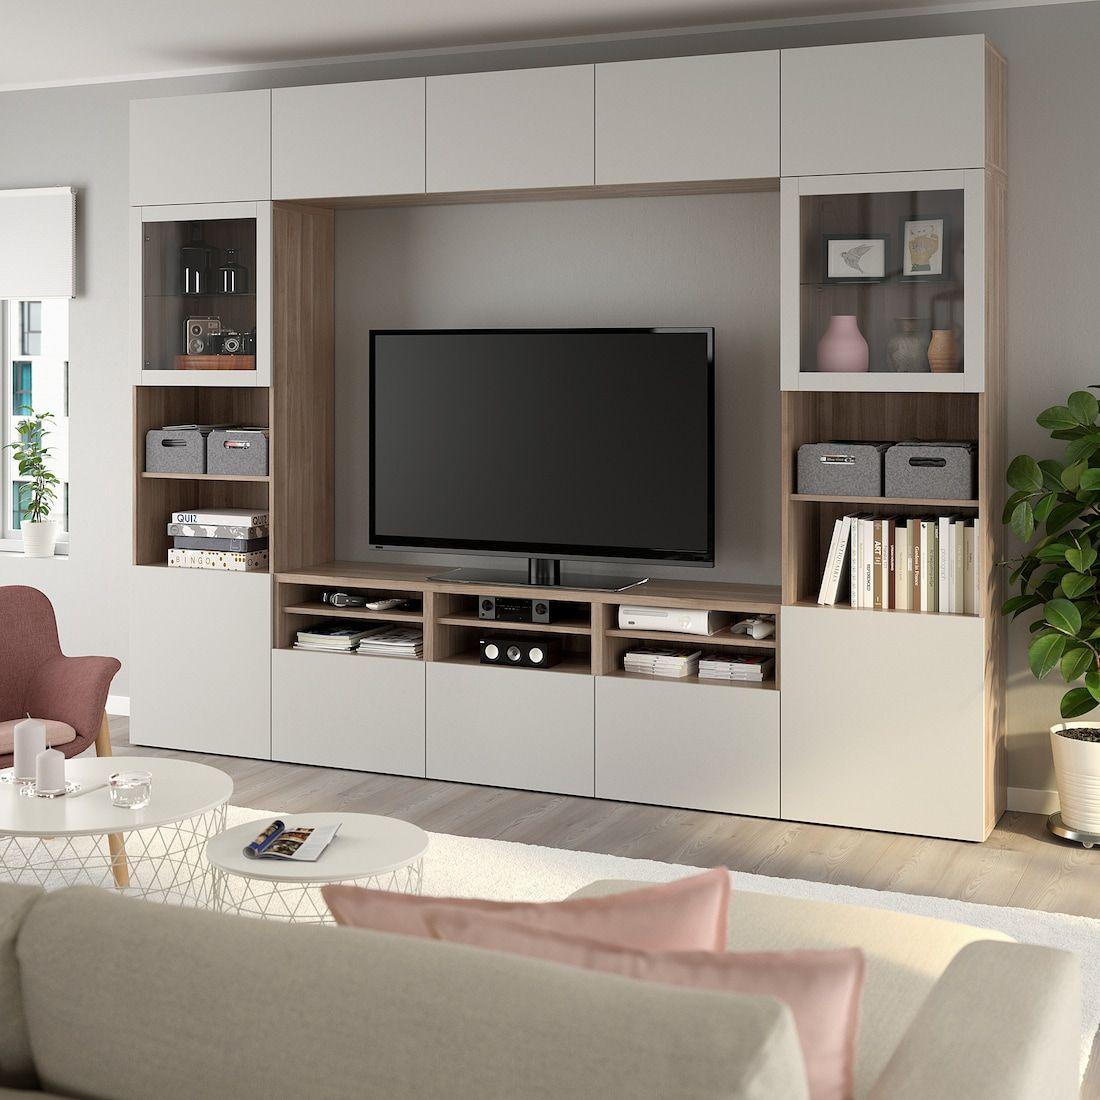 Besta Tv Storage Combination Glass Doors Walnut Effect Light Gray Lappviken Light Gray Clea En 2020 Meuble Rangement Ikea Meuble Rangement Salon Meuble Tv Rangement